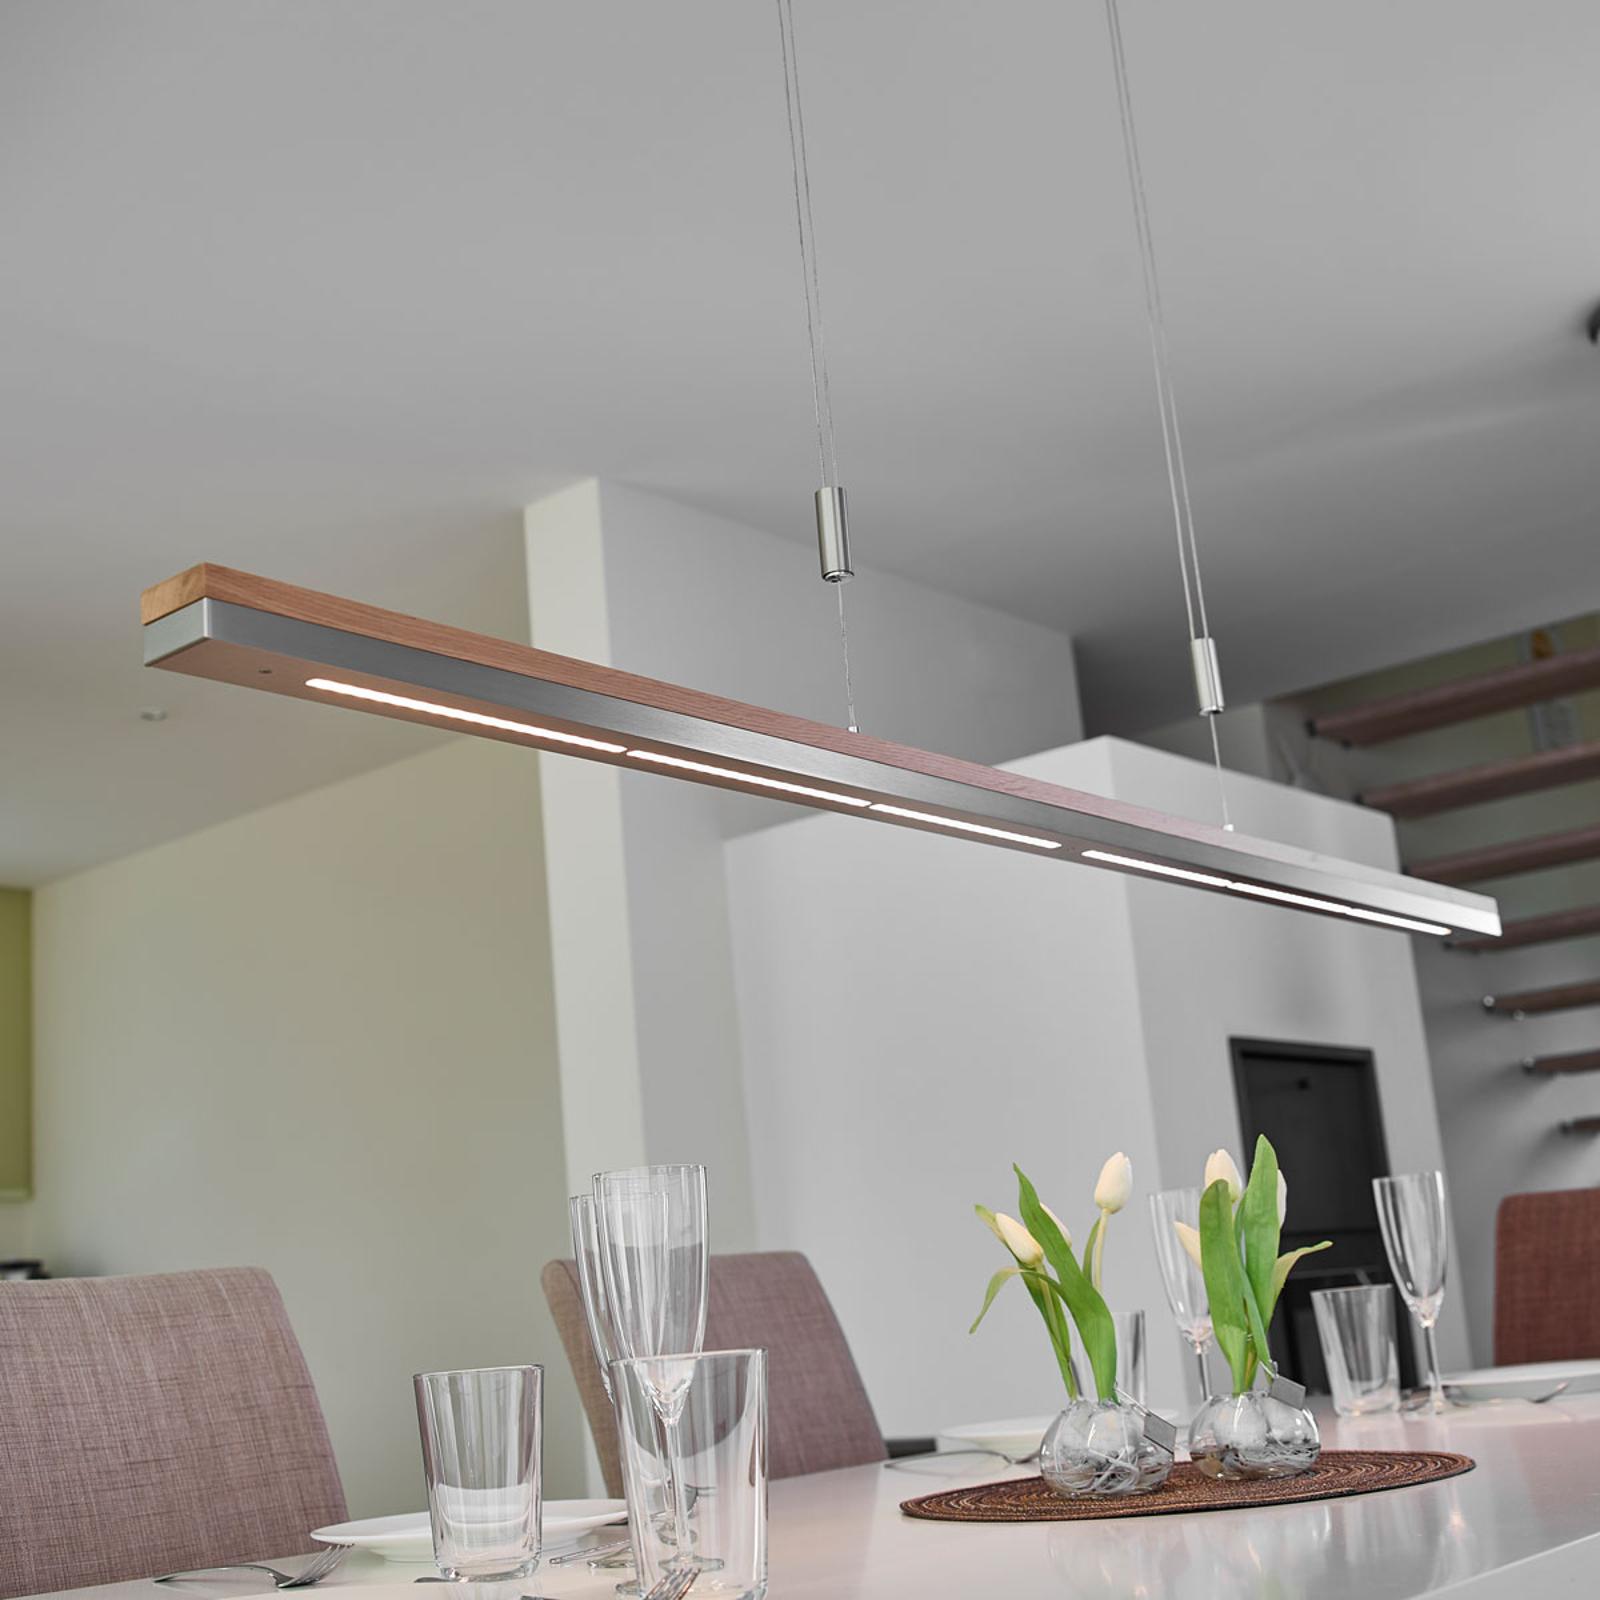 Suspension Elna avec LED dimmables, 158 cm